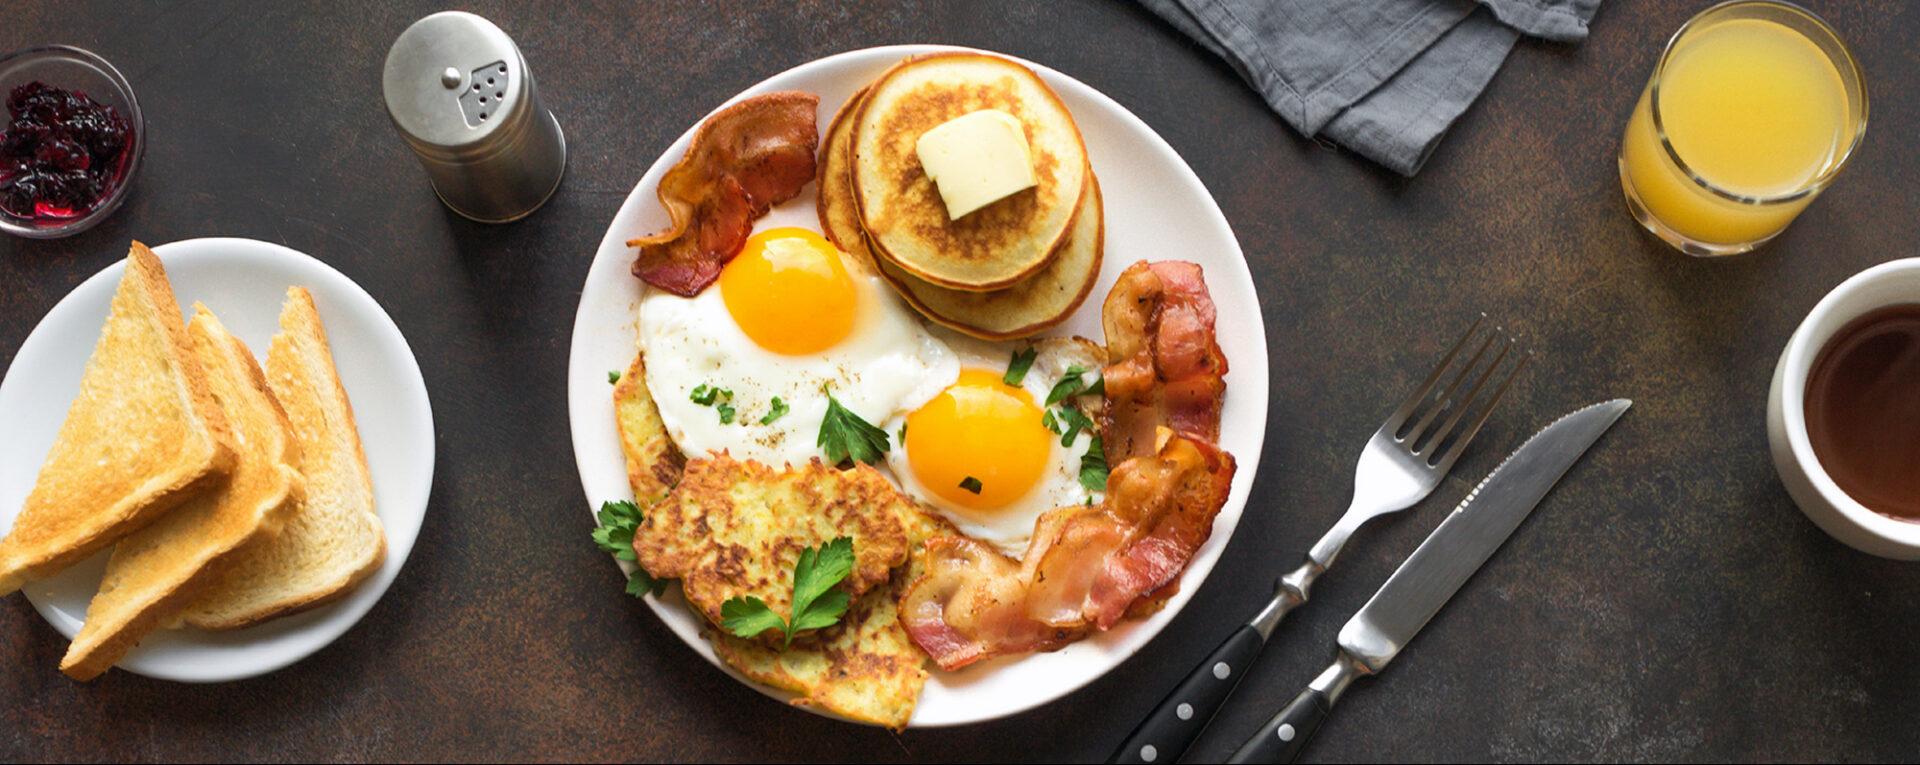 Breakfast Recipes - Chef Connexion